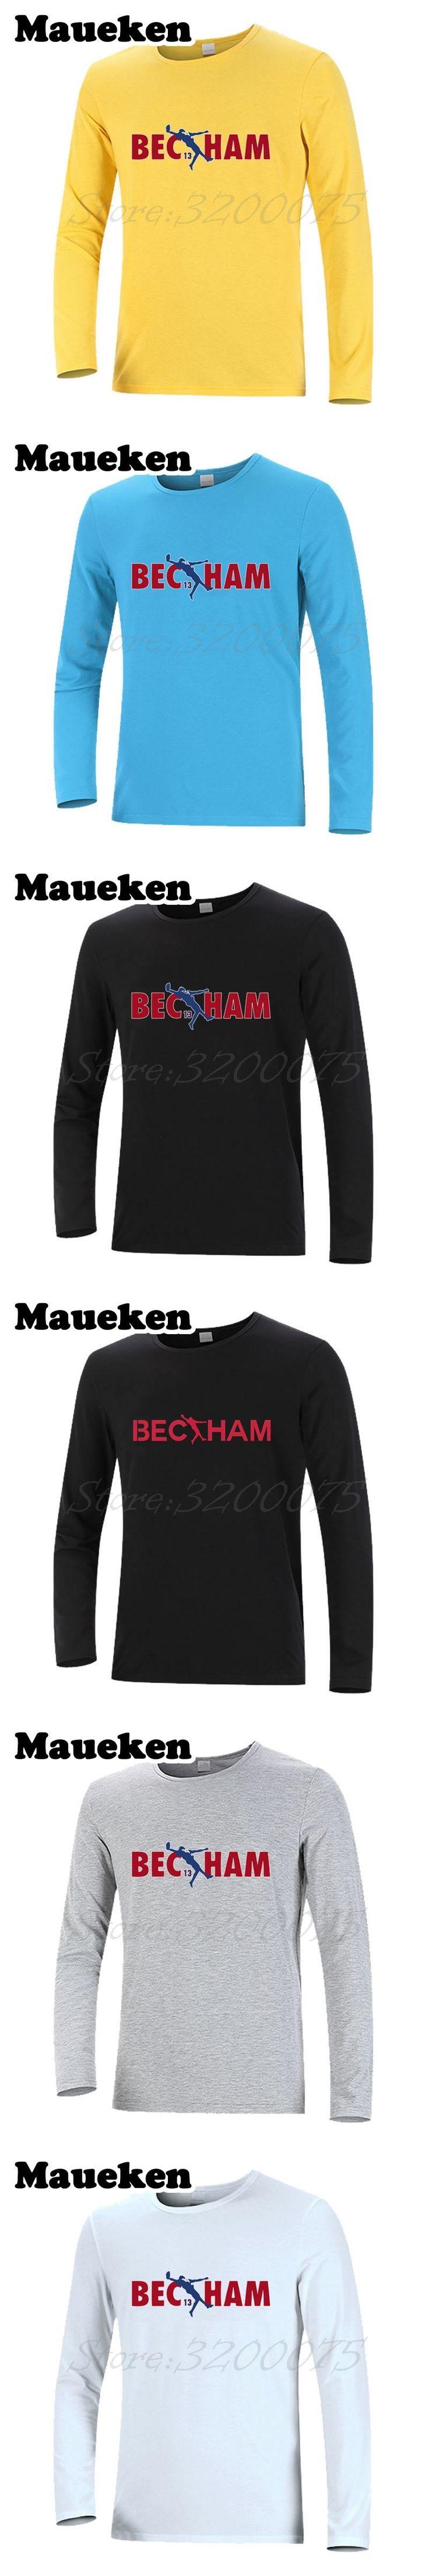 Men Odell Beckham Jr 13 The Catch Logo T-Shirt Long Sleeve New York Clothes T Shirt giants Men's Autumn Winter W17100621